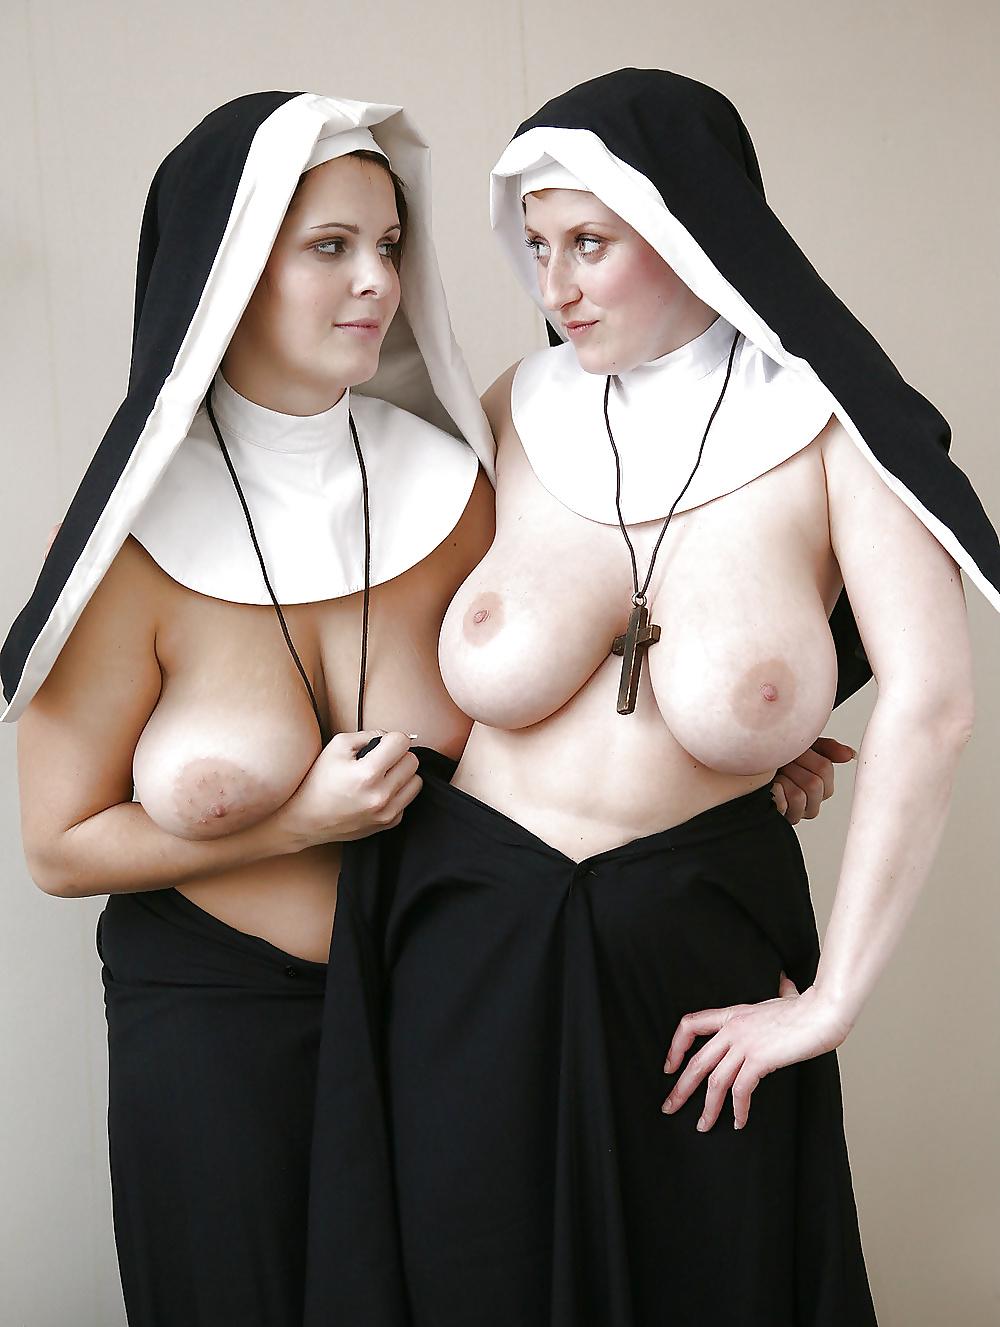 Kerala nun nude